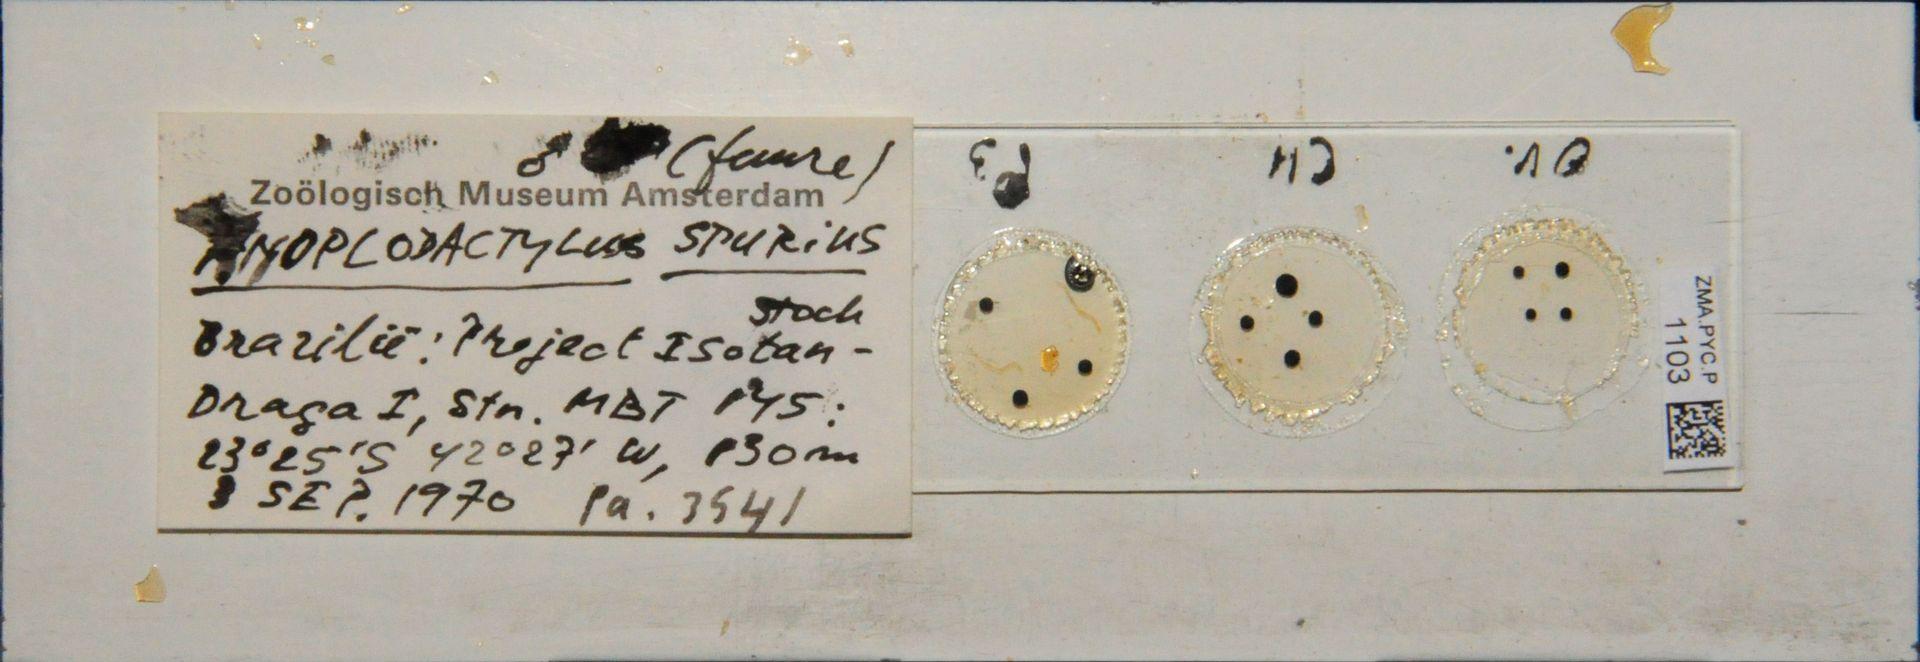 ZMA.PYC.P.1103 | Anoplodactylus spurius Stock